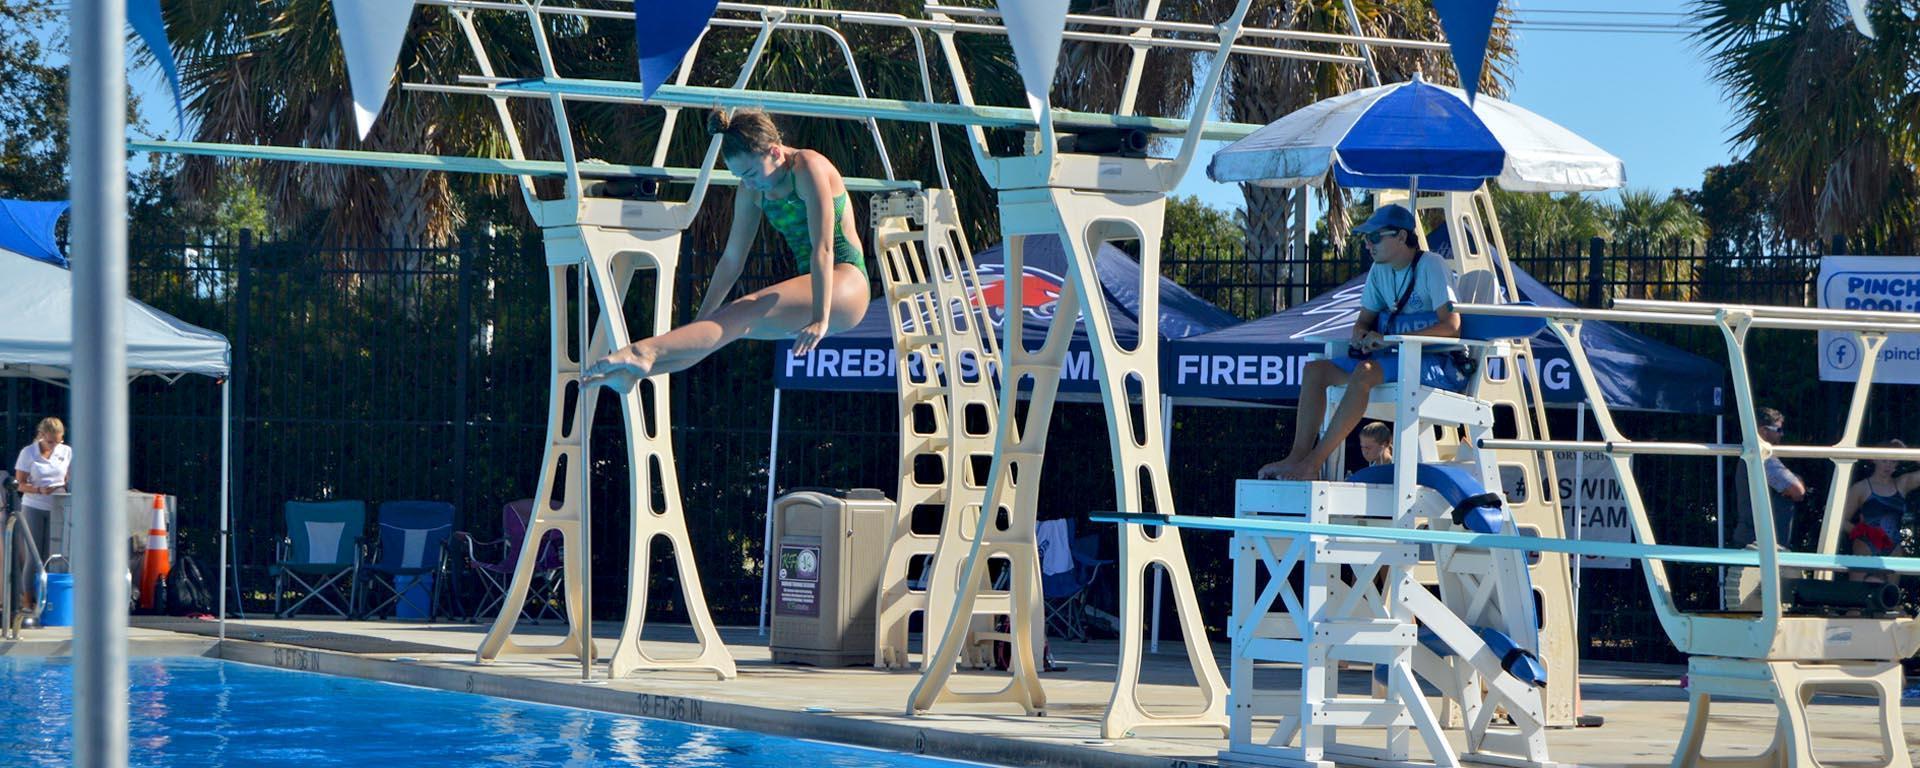 Diving at the Aquatic Center